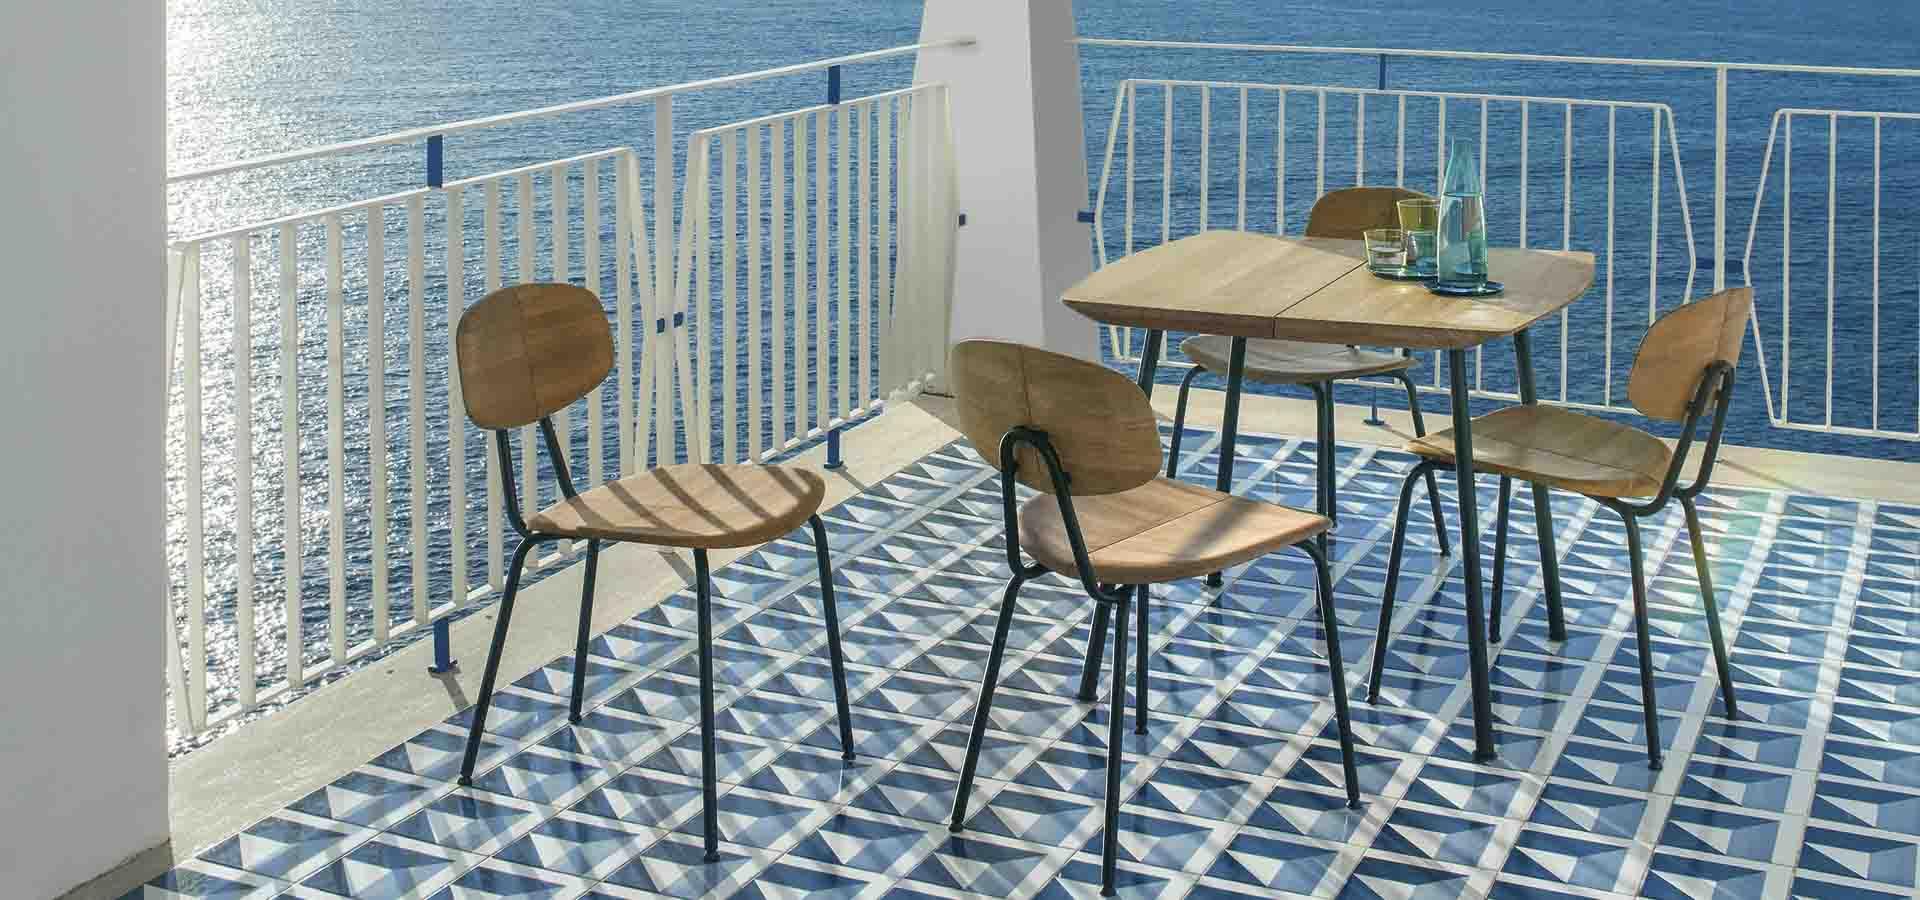 Sillas y mesas de terraza Agave de Ethimo en Mallorca